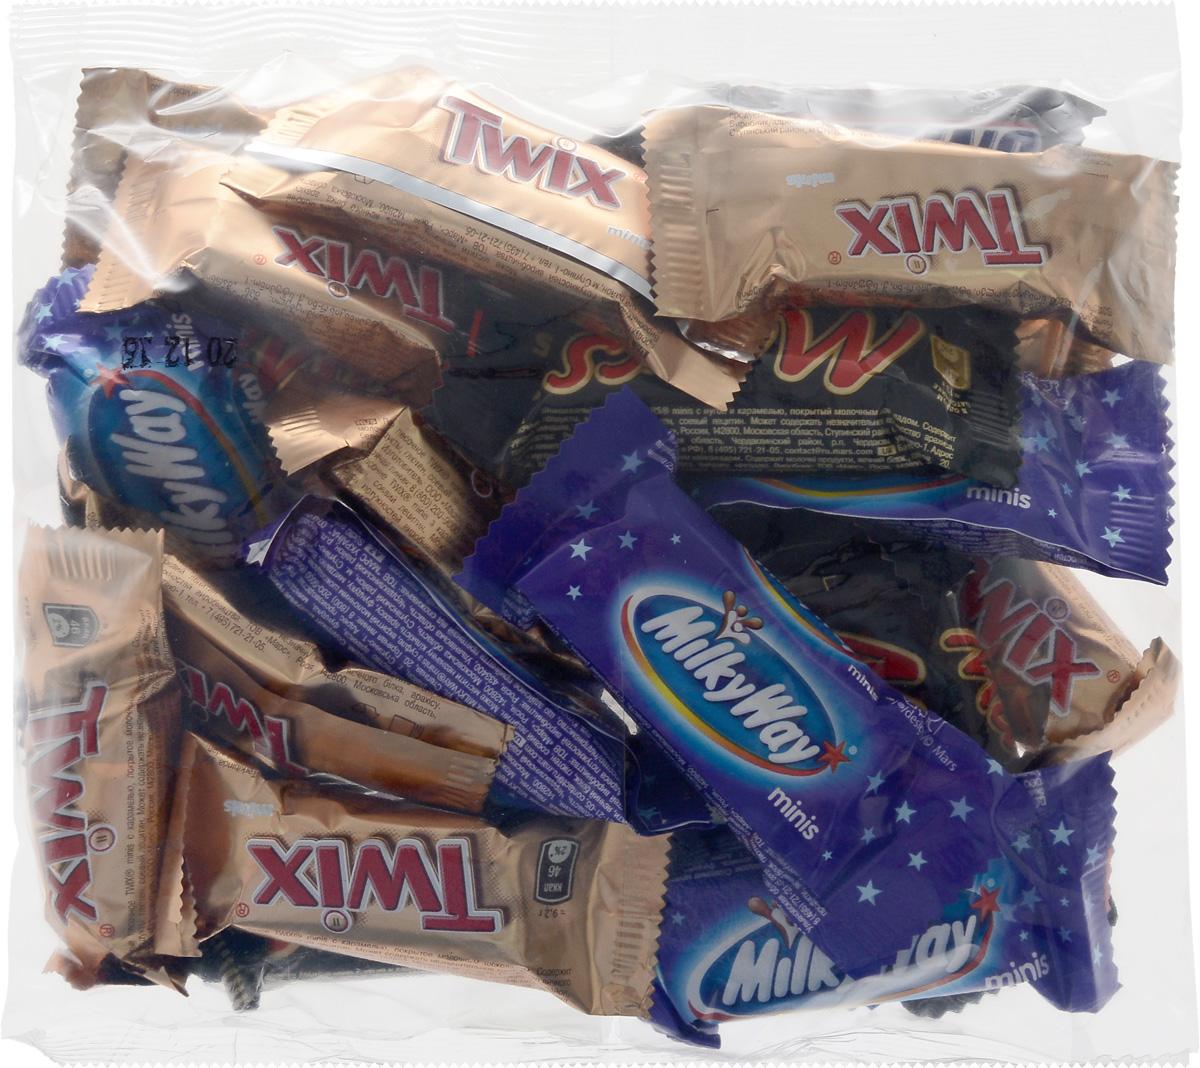 Mars Ассорти minis шоколадный батончик, 250 г0120710Милки Вей Минис - это конфеты, состоящие из нуги, которая намного легче молока. Молочный шоколад, которым покрыт Милки Вей, делает вкус конфет незабываемо нежным. Порадуйте юных сладкоежек, купите им Милки Вей, а они обязательно с вами поделятся.